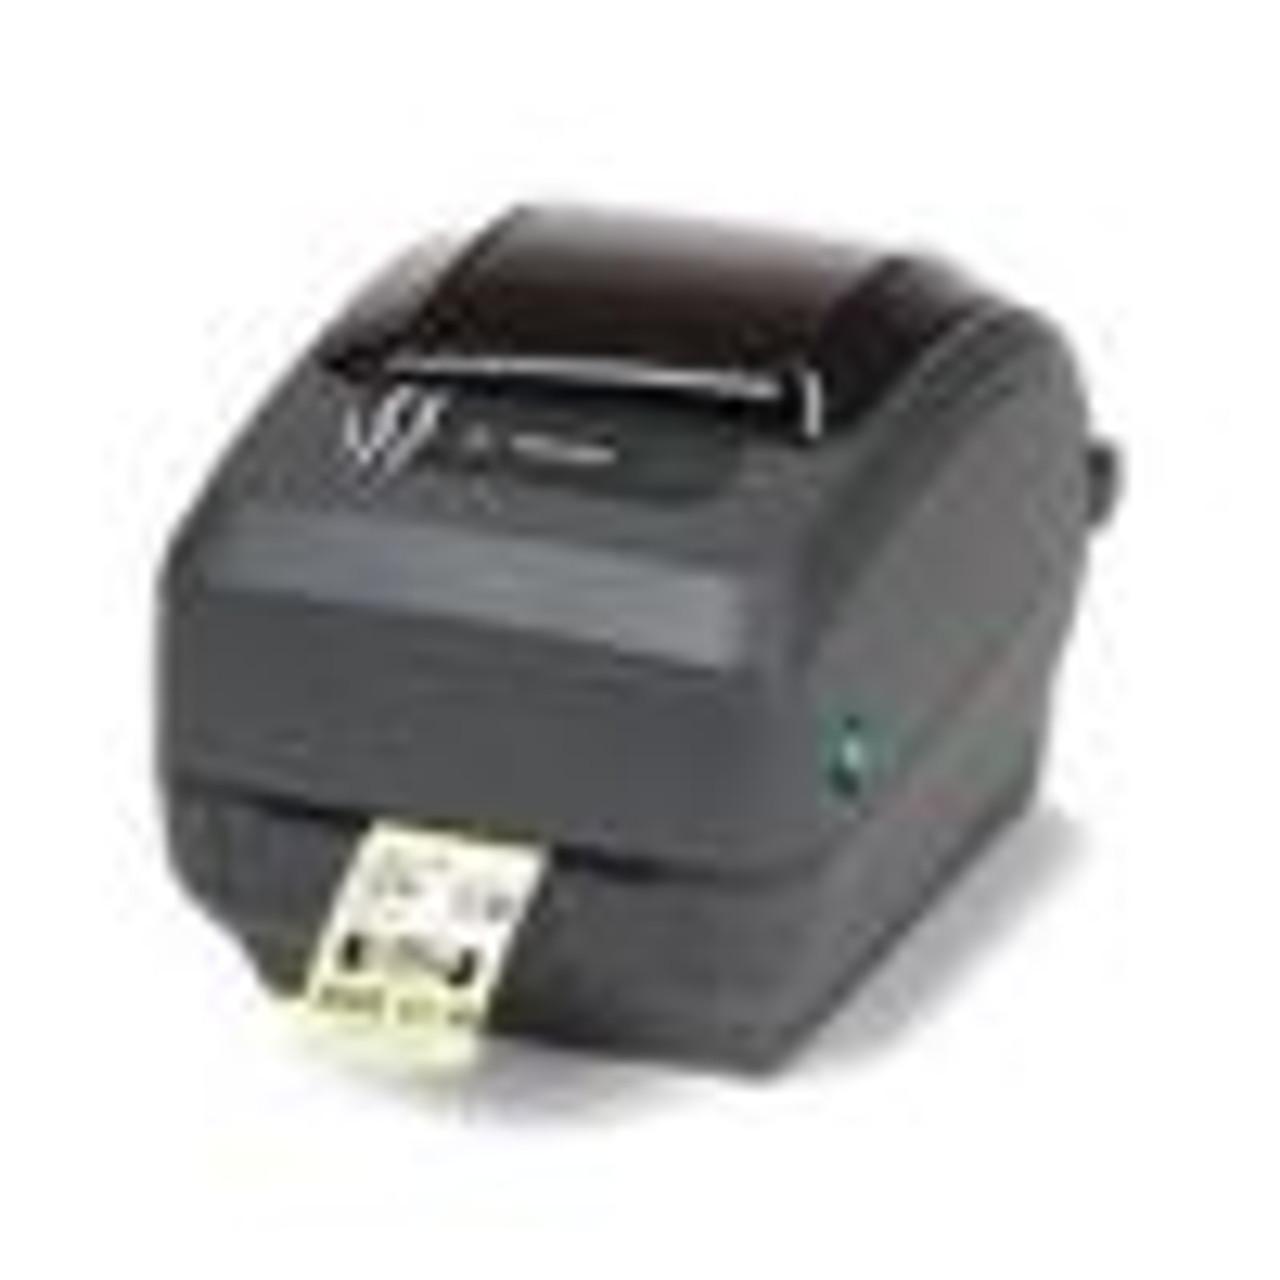 GK420T Printers